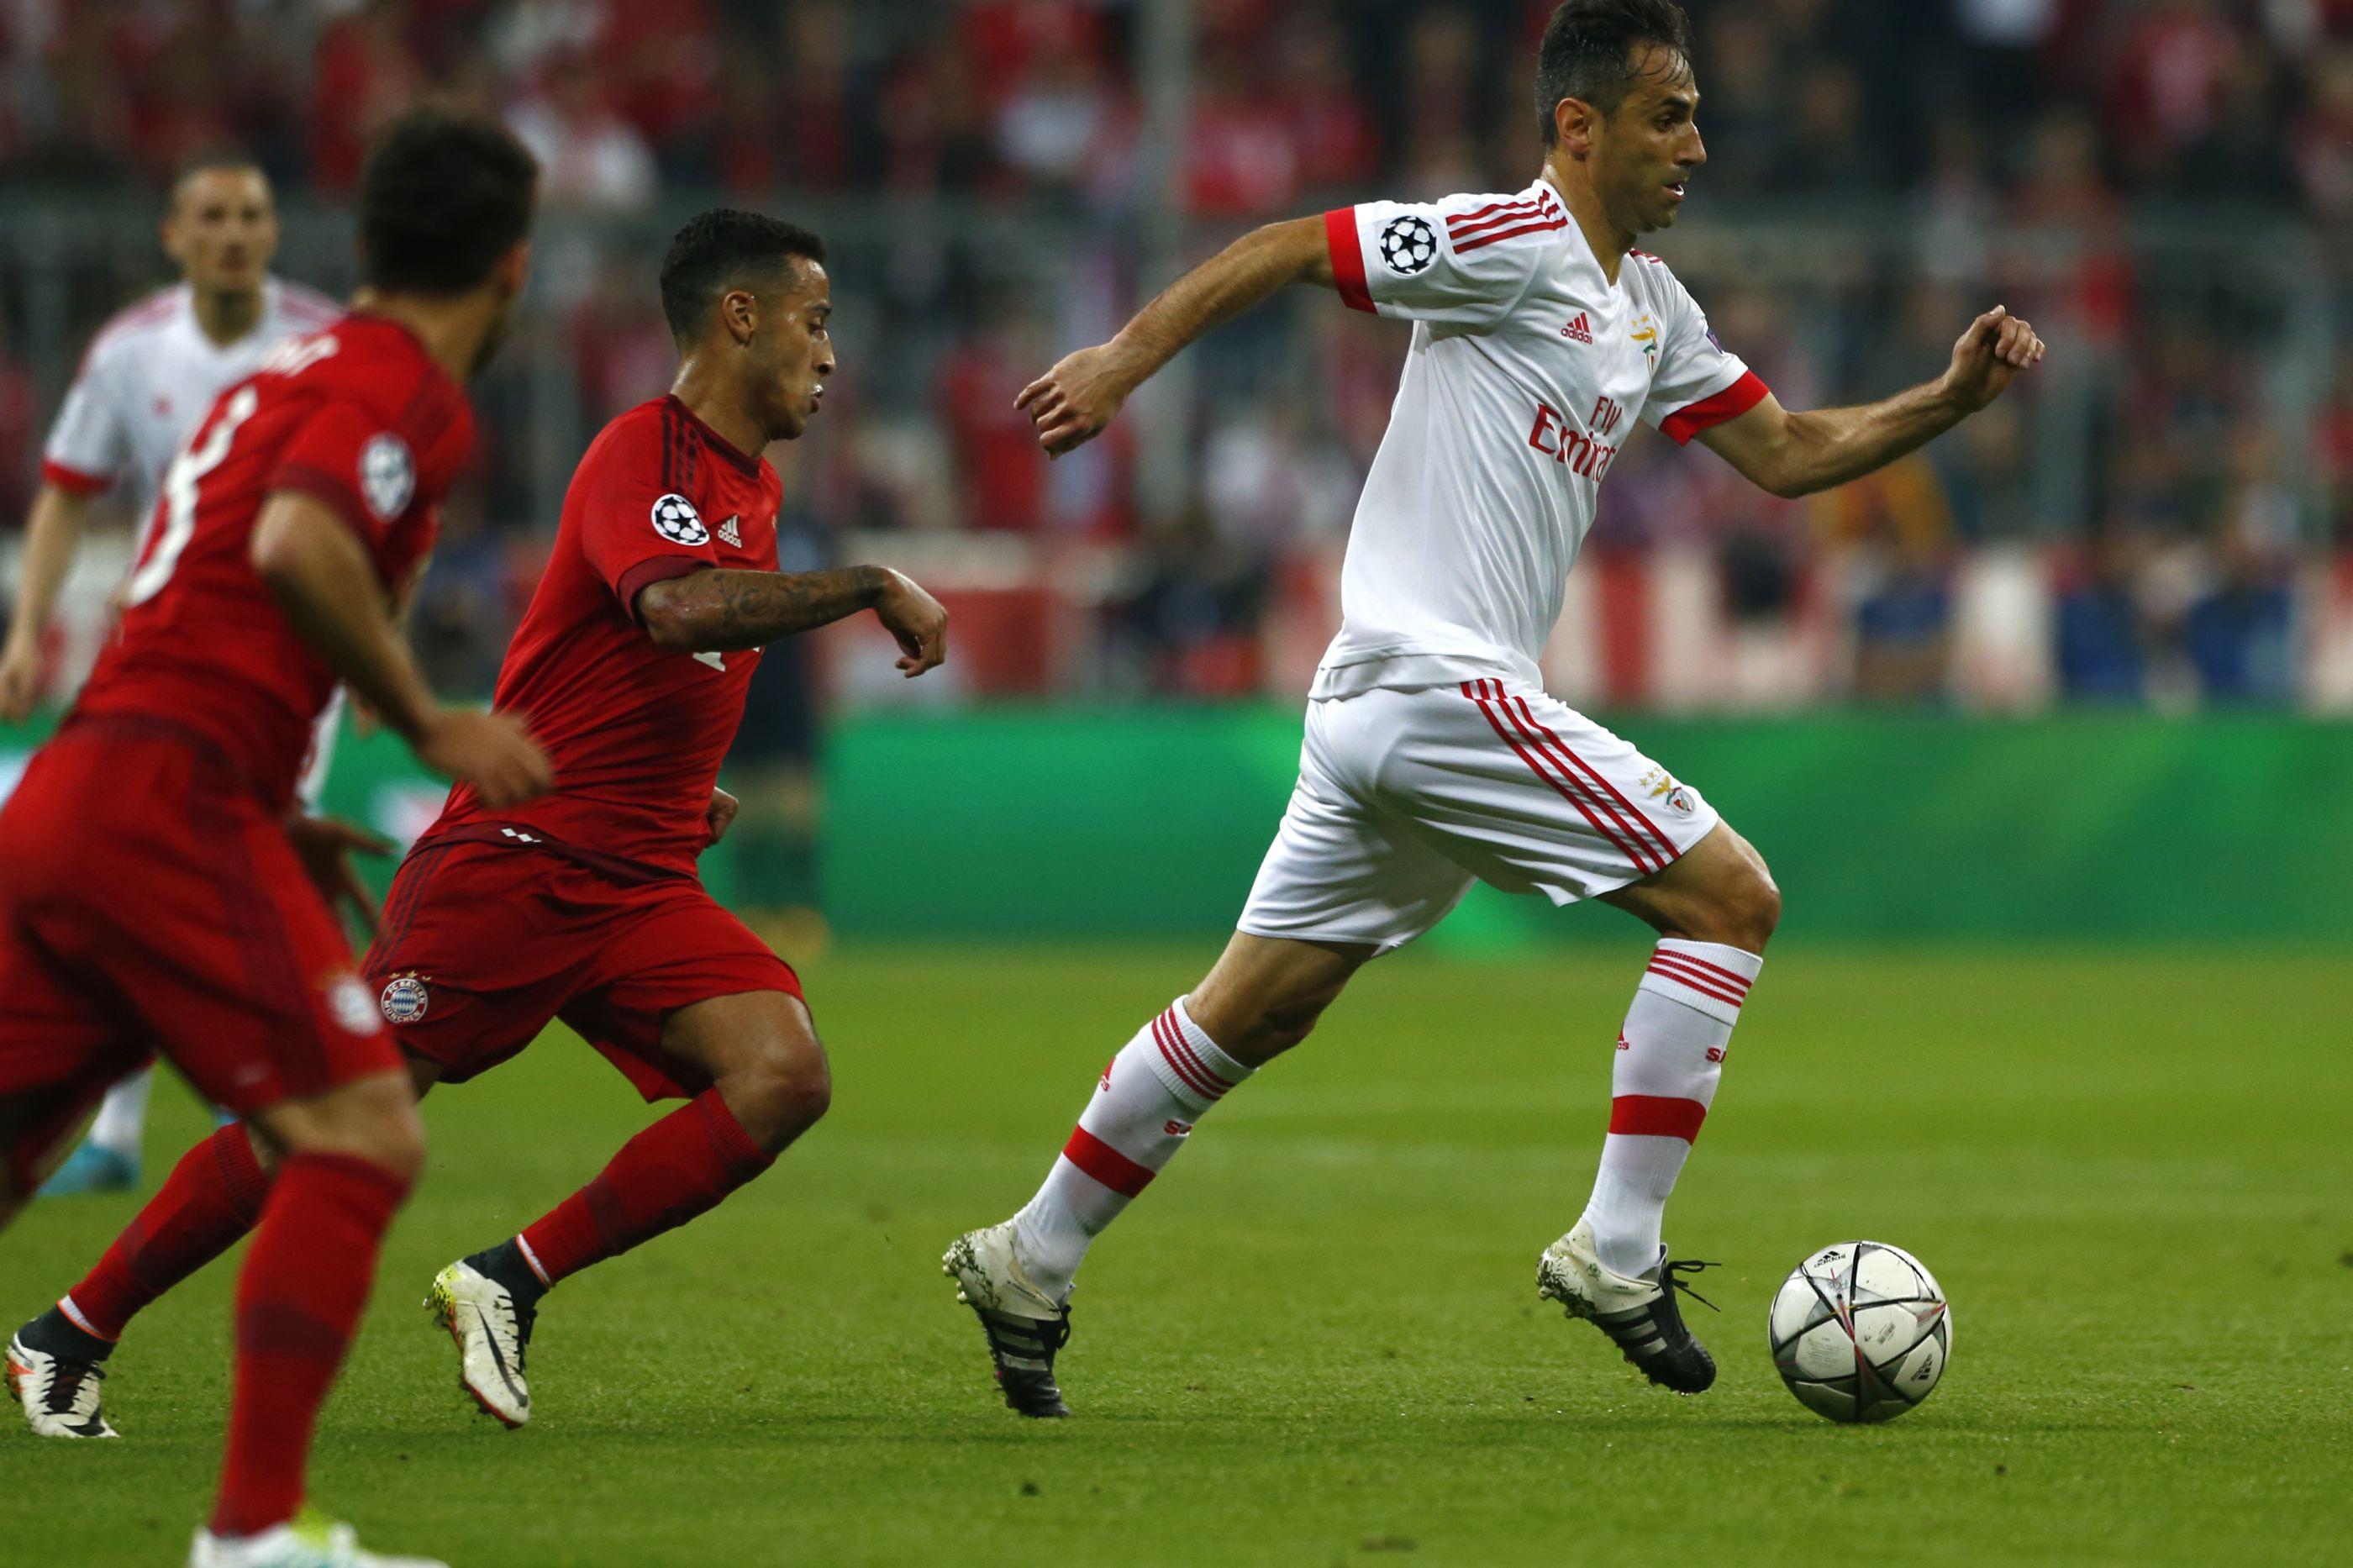 004 Missão possível: Milagre obriga Benfica a triunfo inédito em Munique